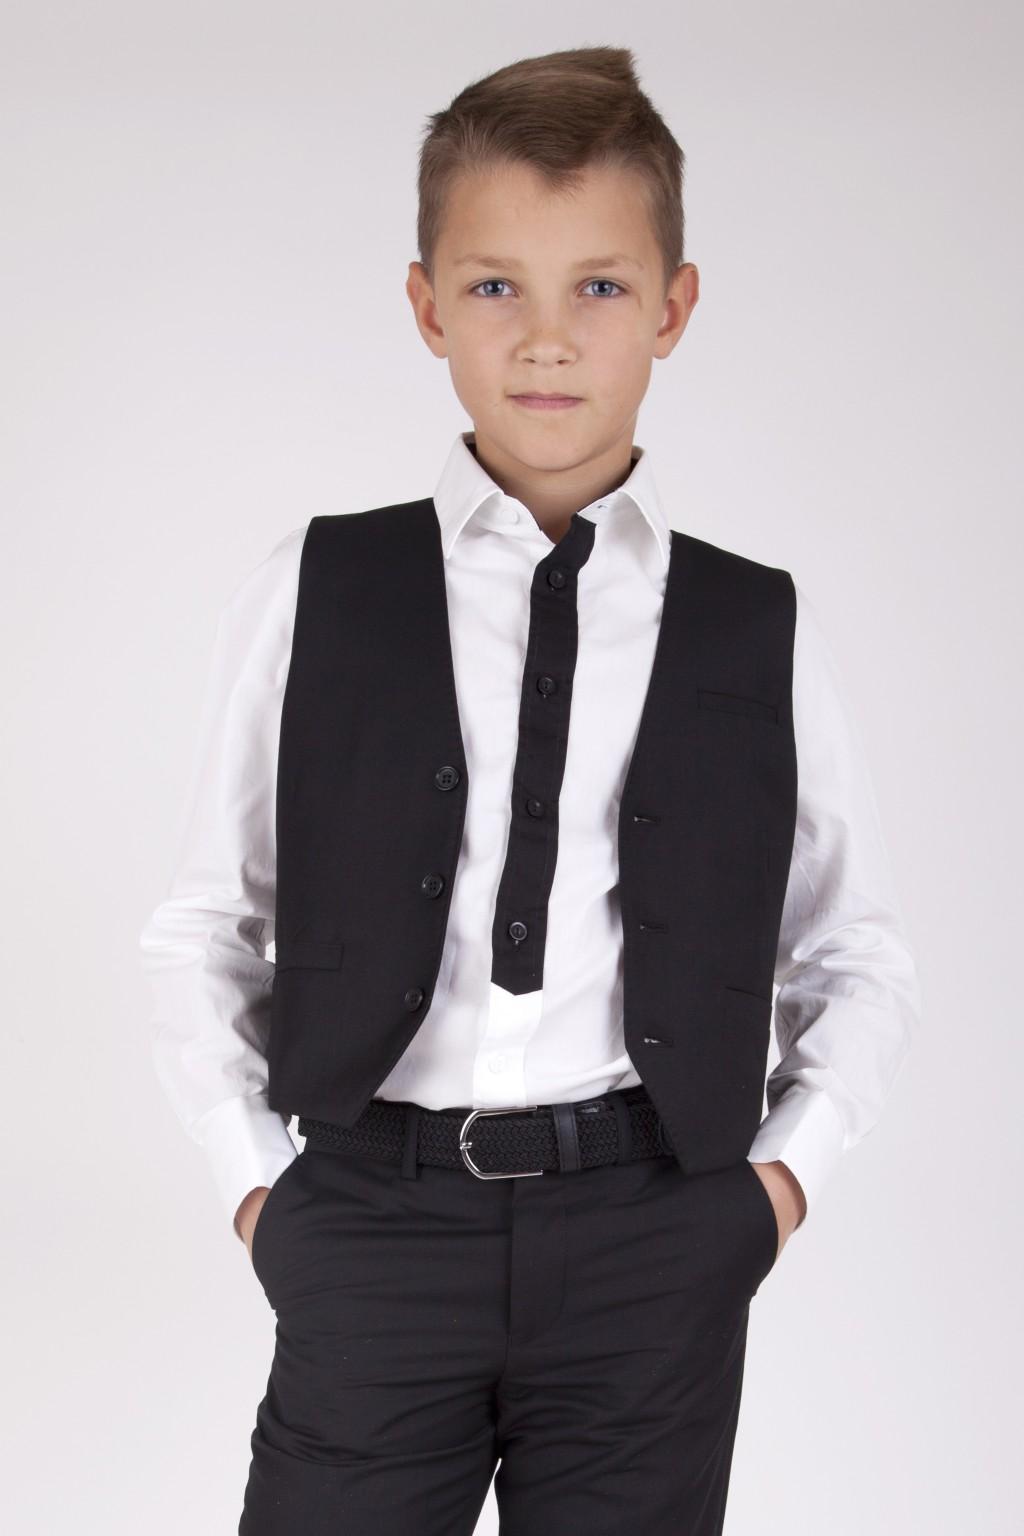 Сбор заказов. Детская одежда - мода без компромиссов. Школьная коллекция до 170 роста. Пока прошлогодние цены - успеем выбрать!! Премиум качество).